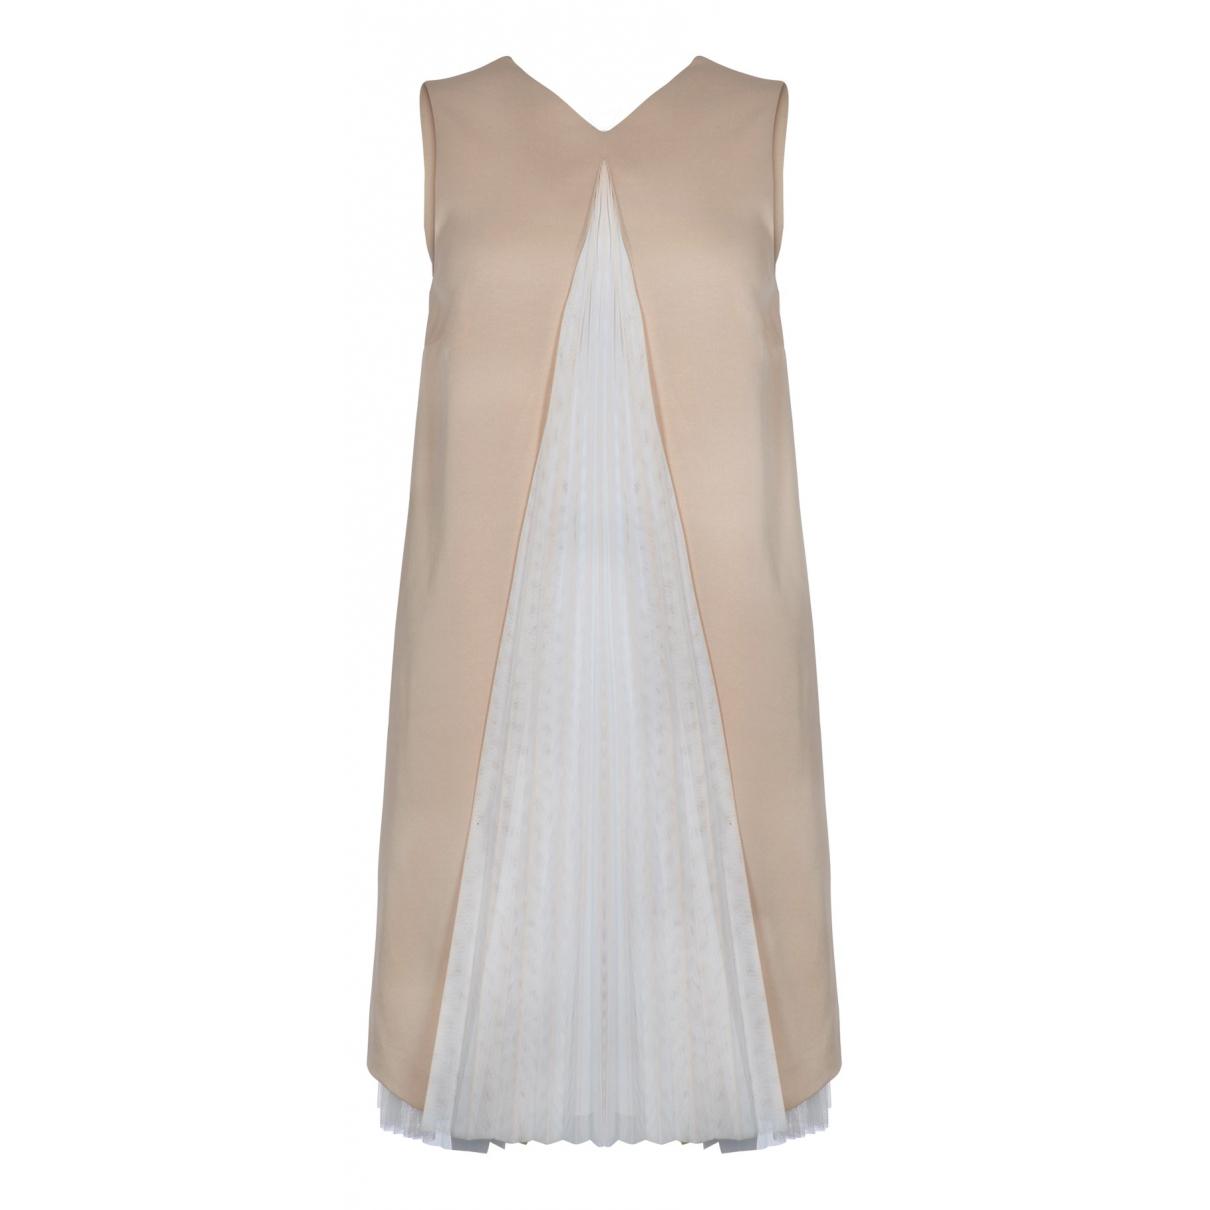 Christopher Kane N Multicolour dress for Women 8 UK